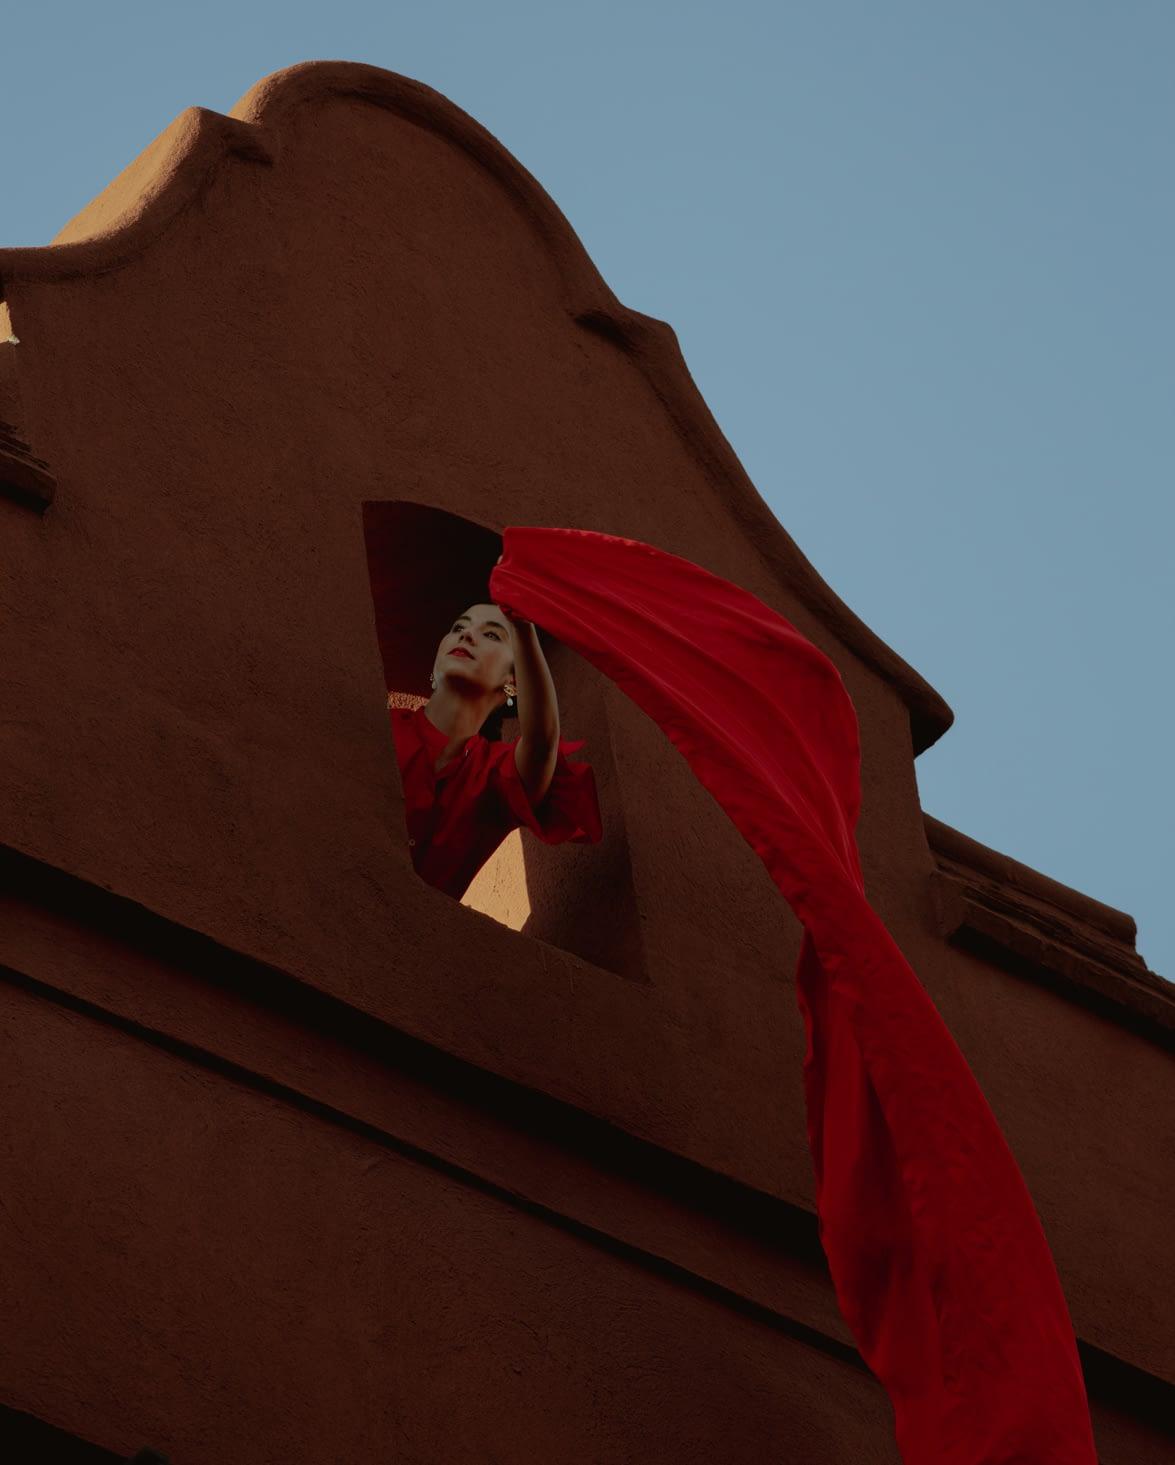 ttt-carolinaherrera-red_07